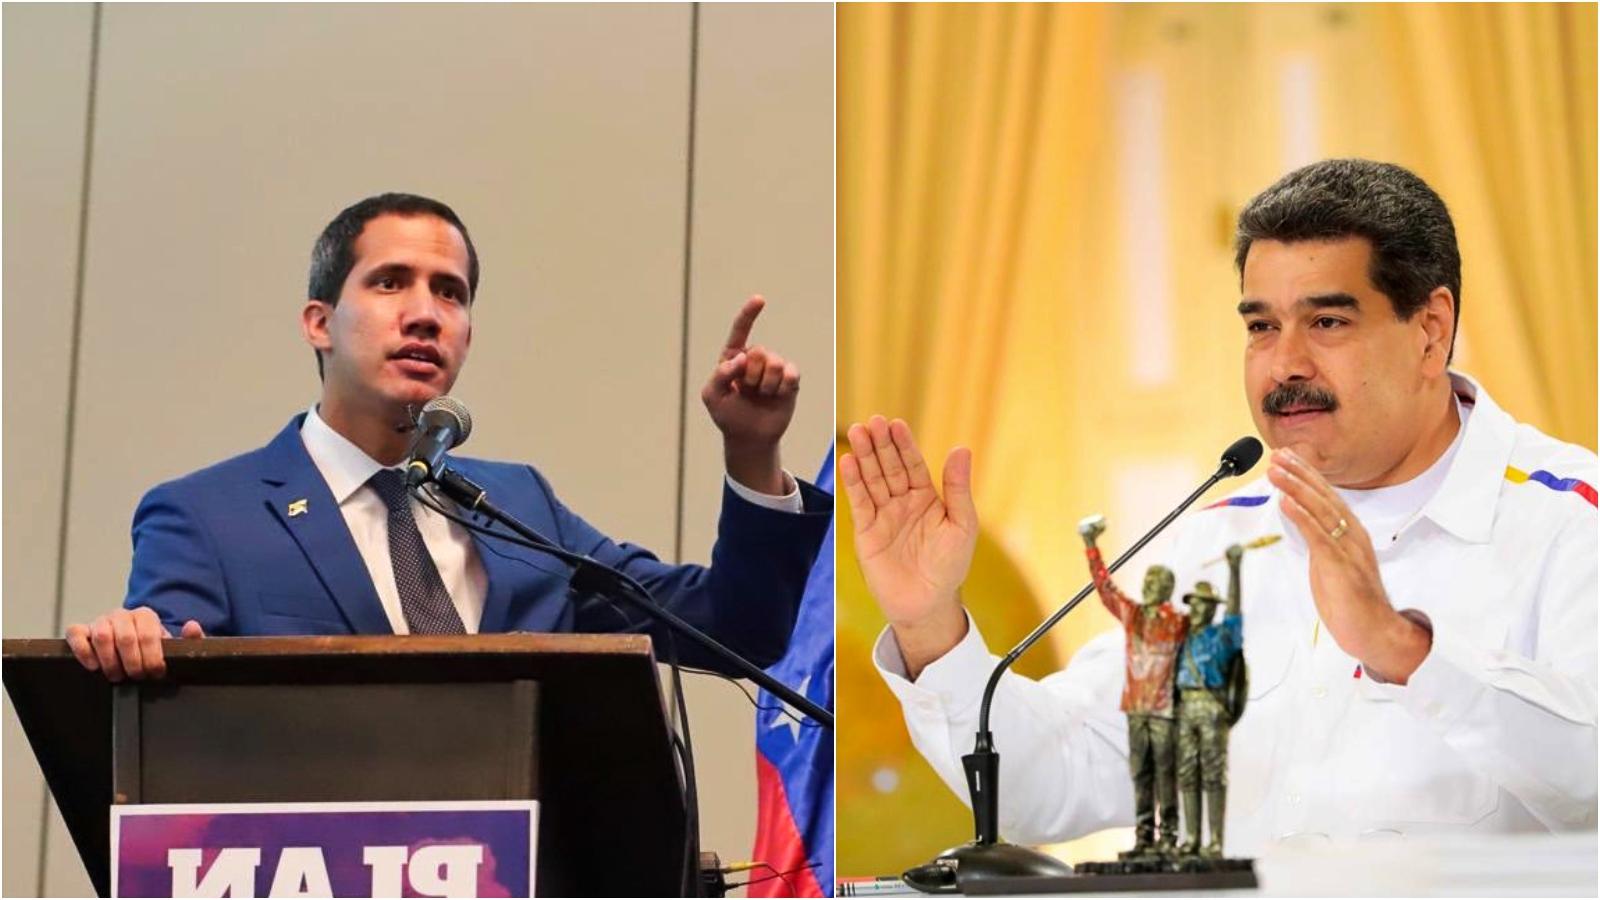 Empieza la nueva ronda de diálogo entre Nicolás Maduro y el opositor Juan Guaidó